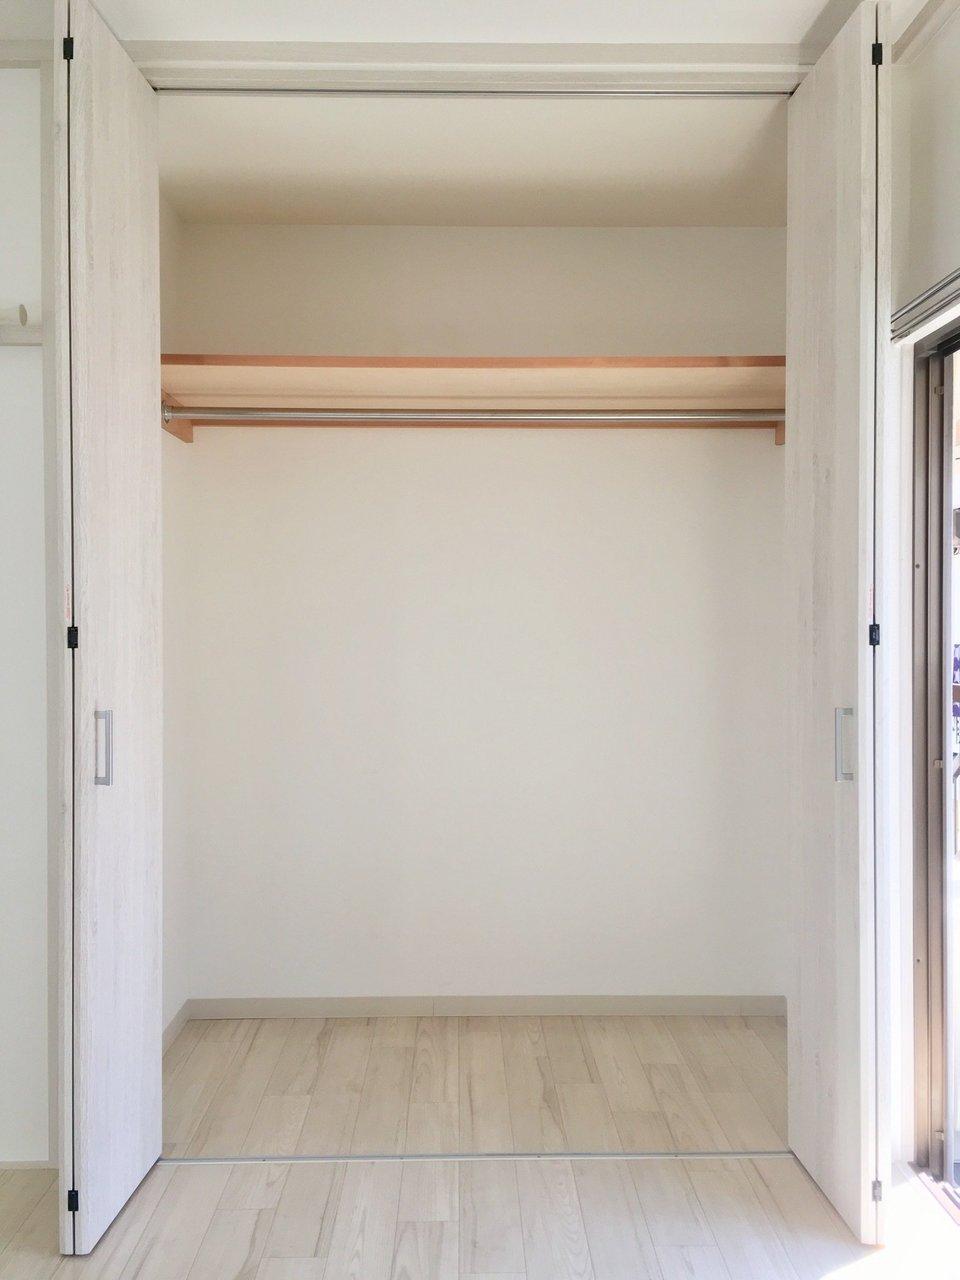 寝室についている収納スペースも、横幅と奥行きがしっかりあるタイプでした!